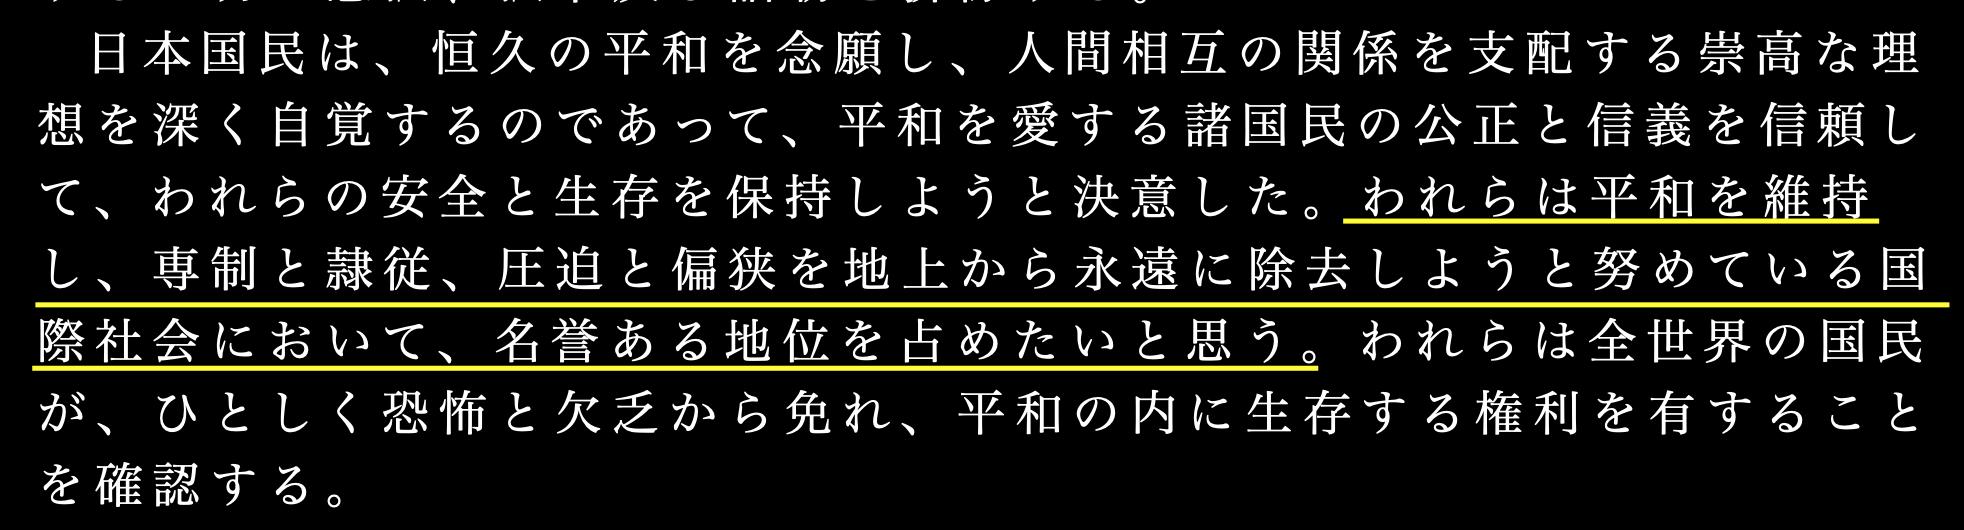 憲法前文を読み直そう  ①日本を取り巻く状況